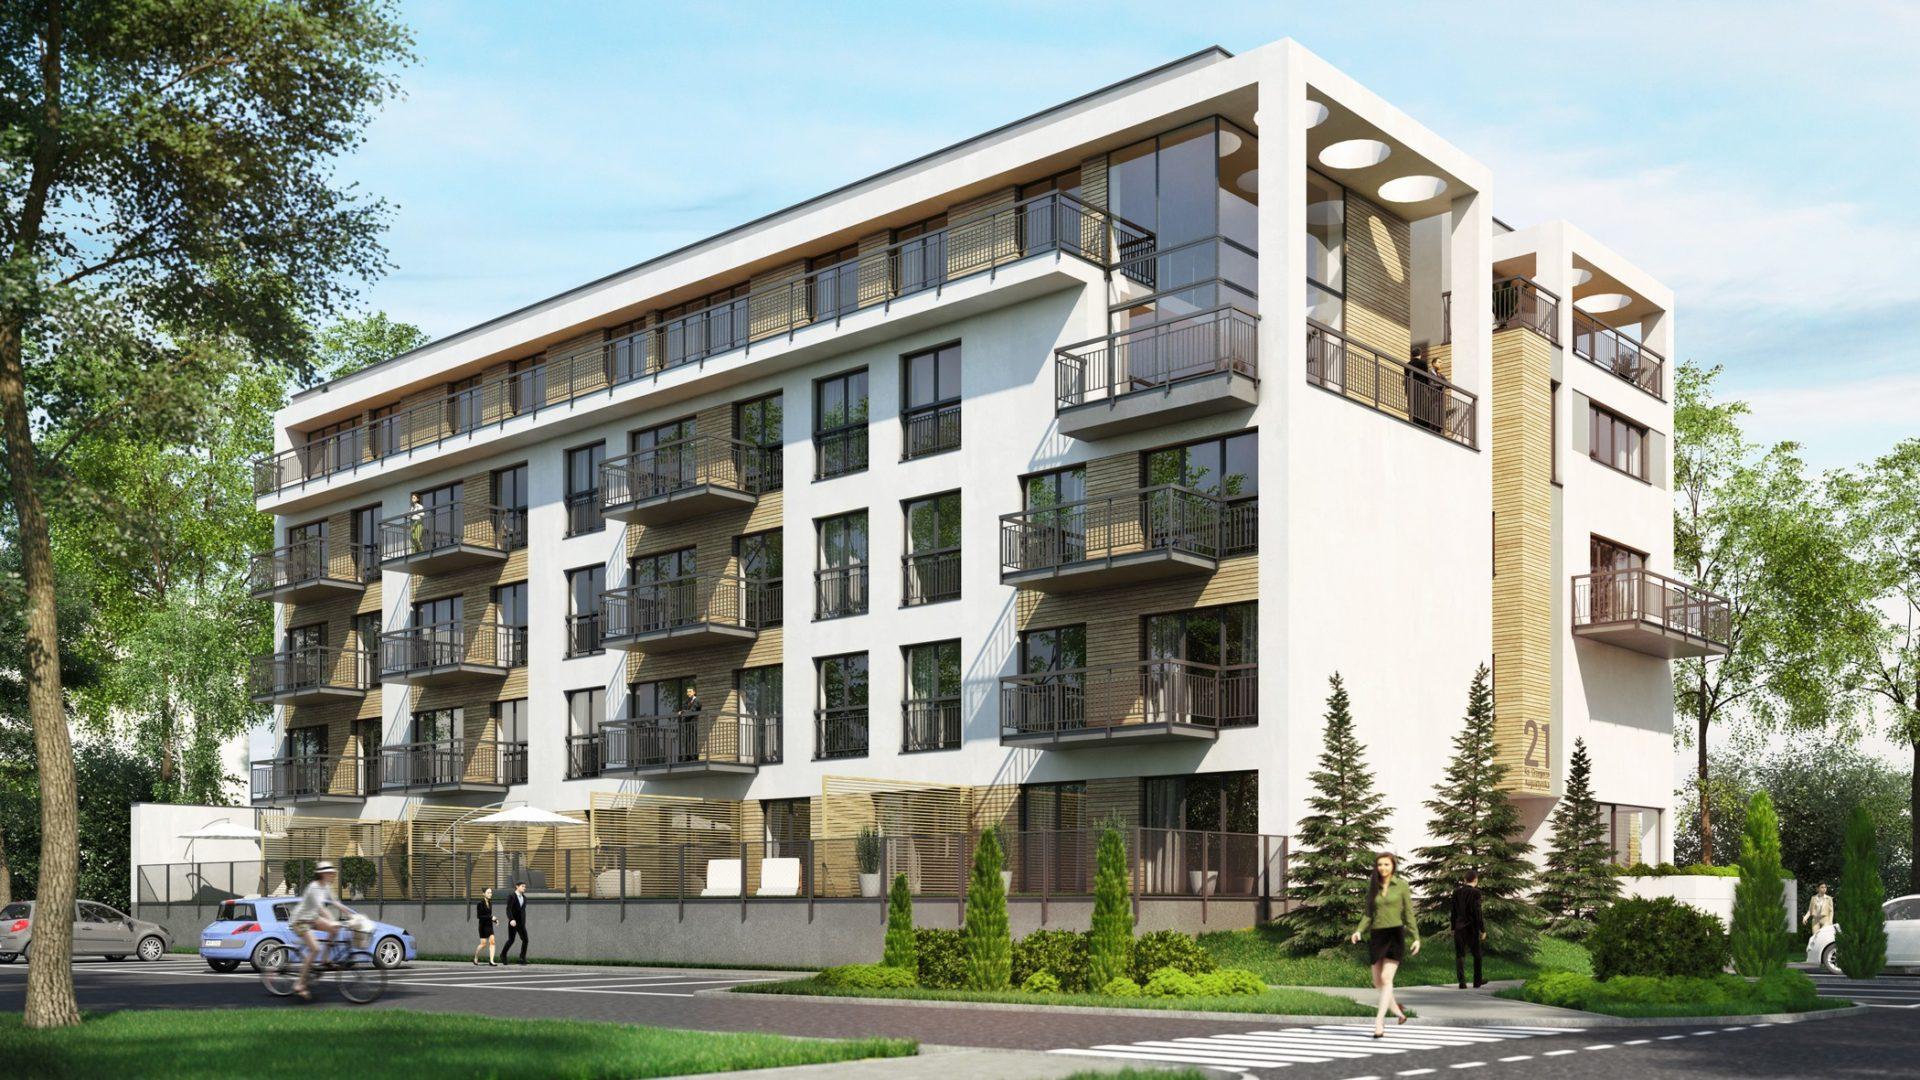 budynek mieszkalny wielorodzinny nowoczesny drewno śląsk